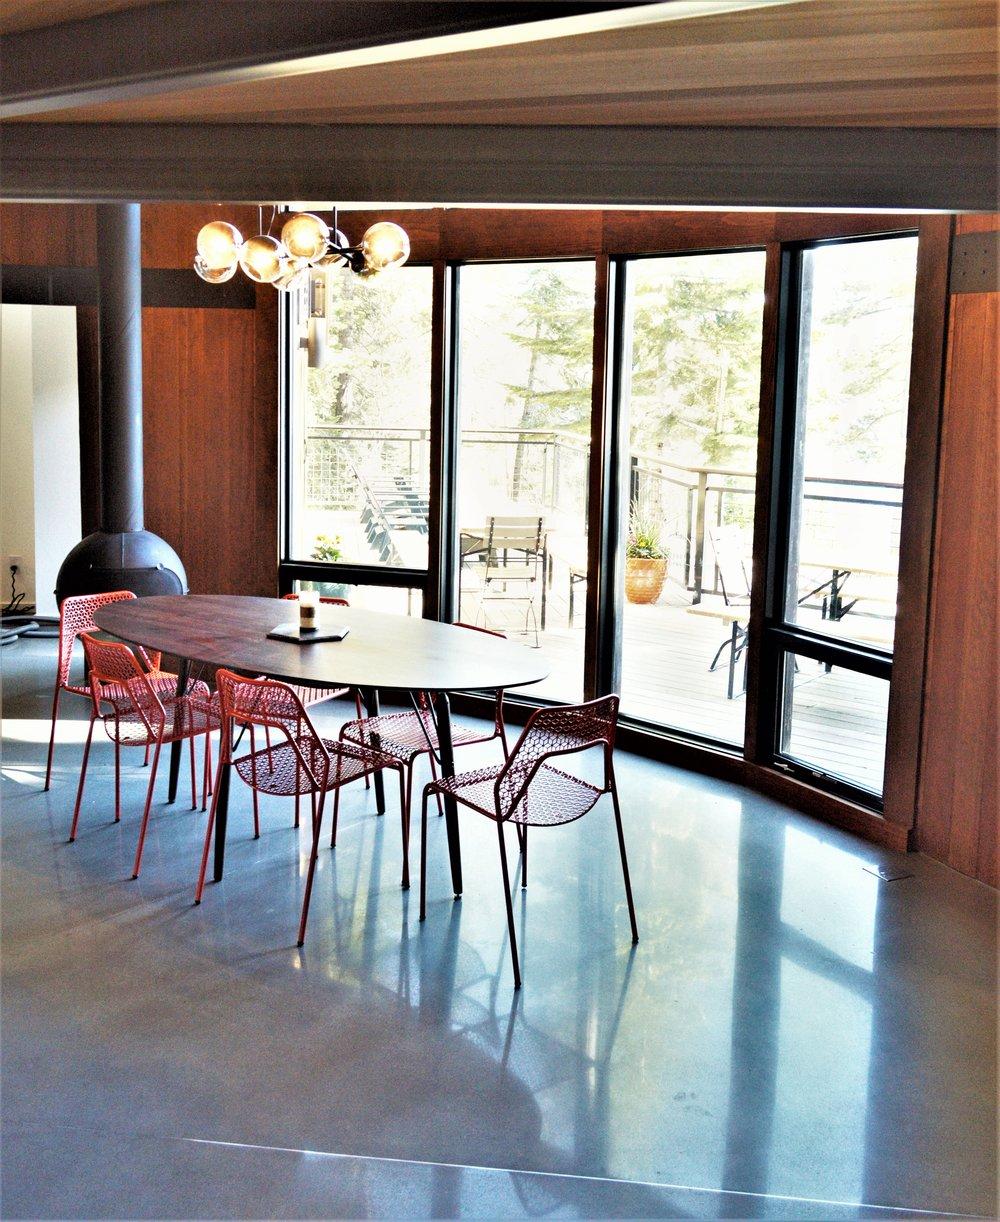 Westlake dinning room2.jpg